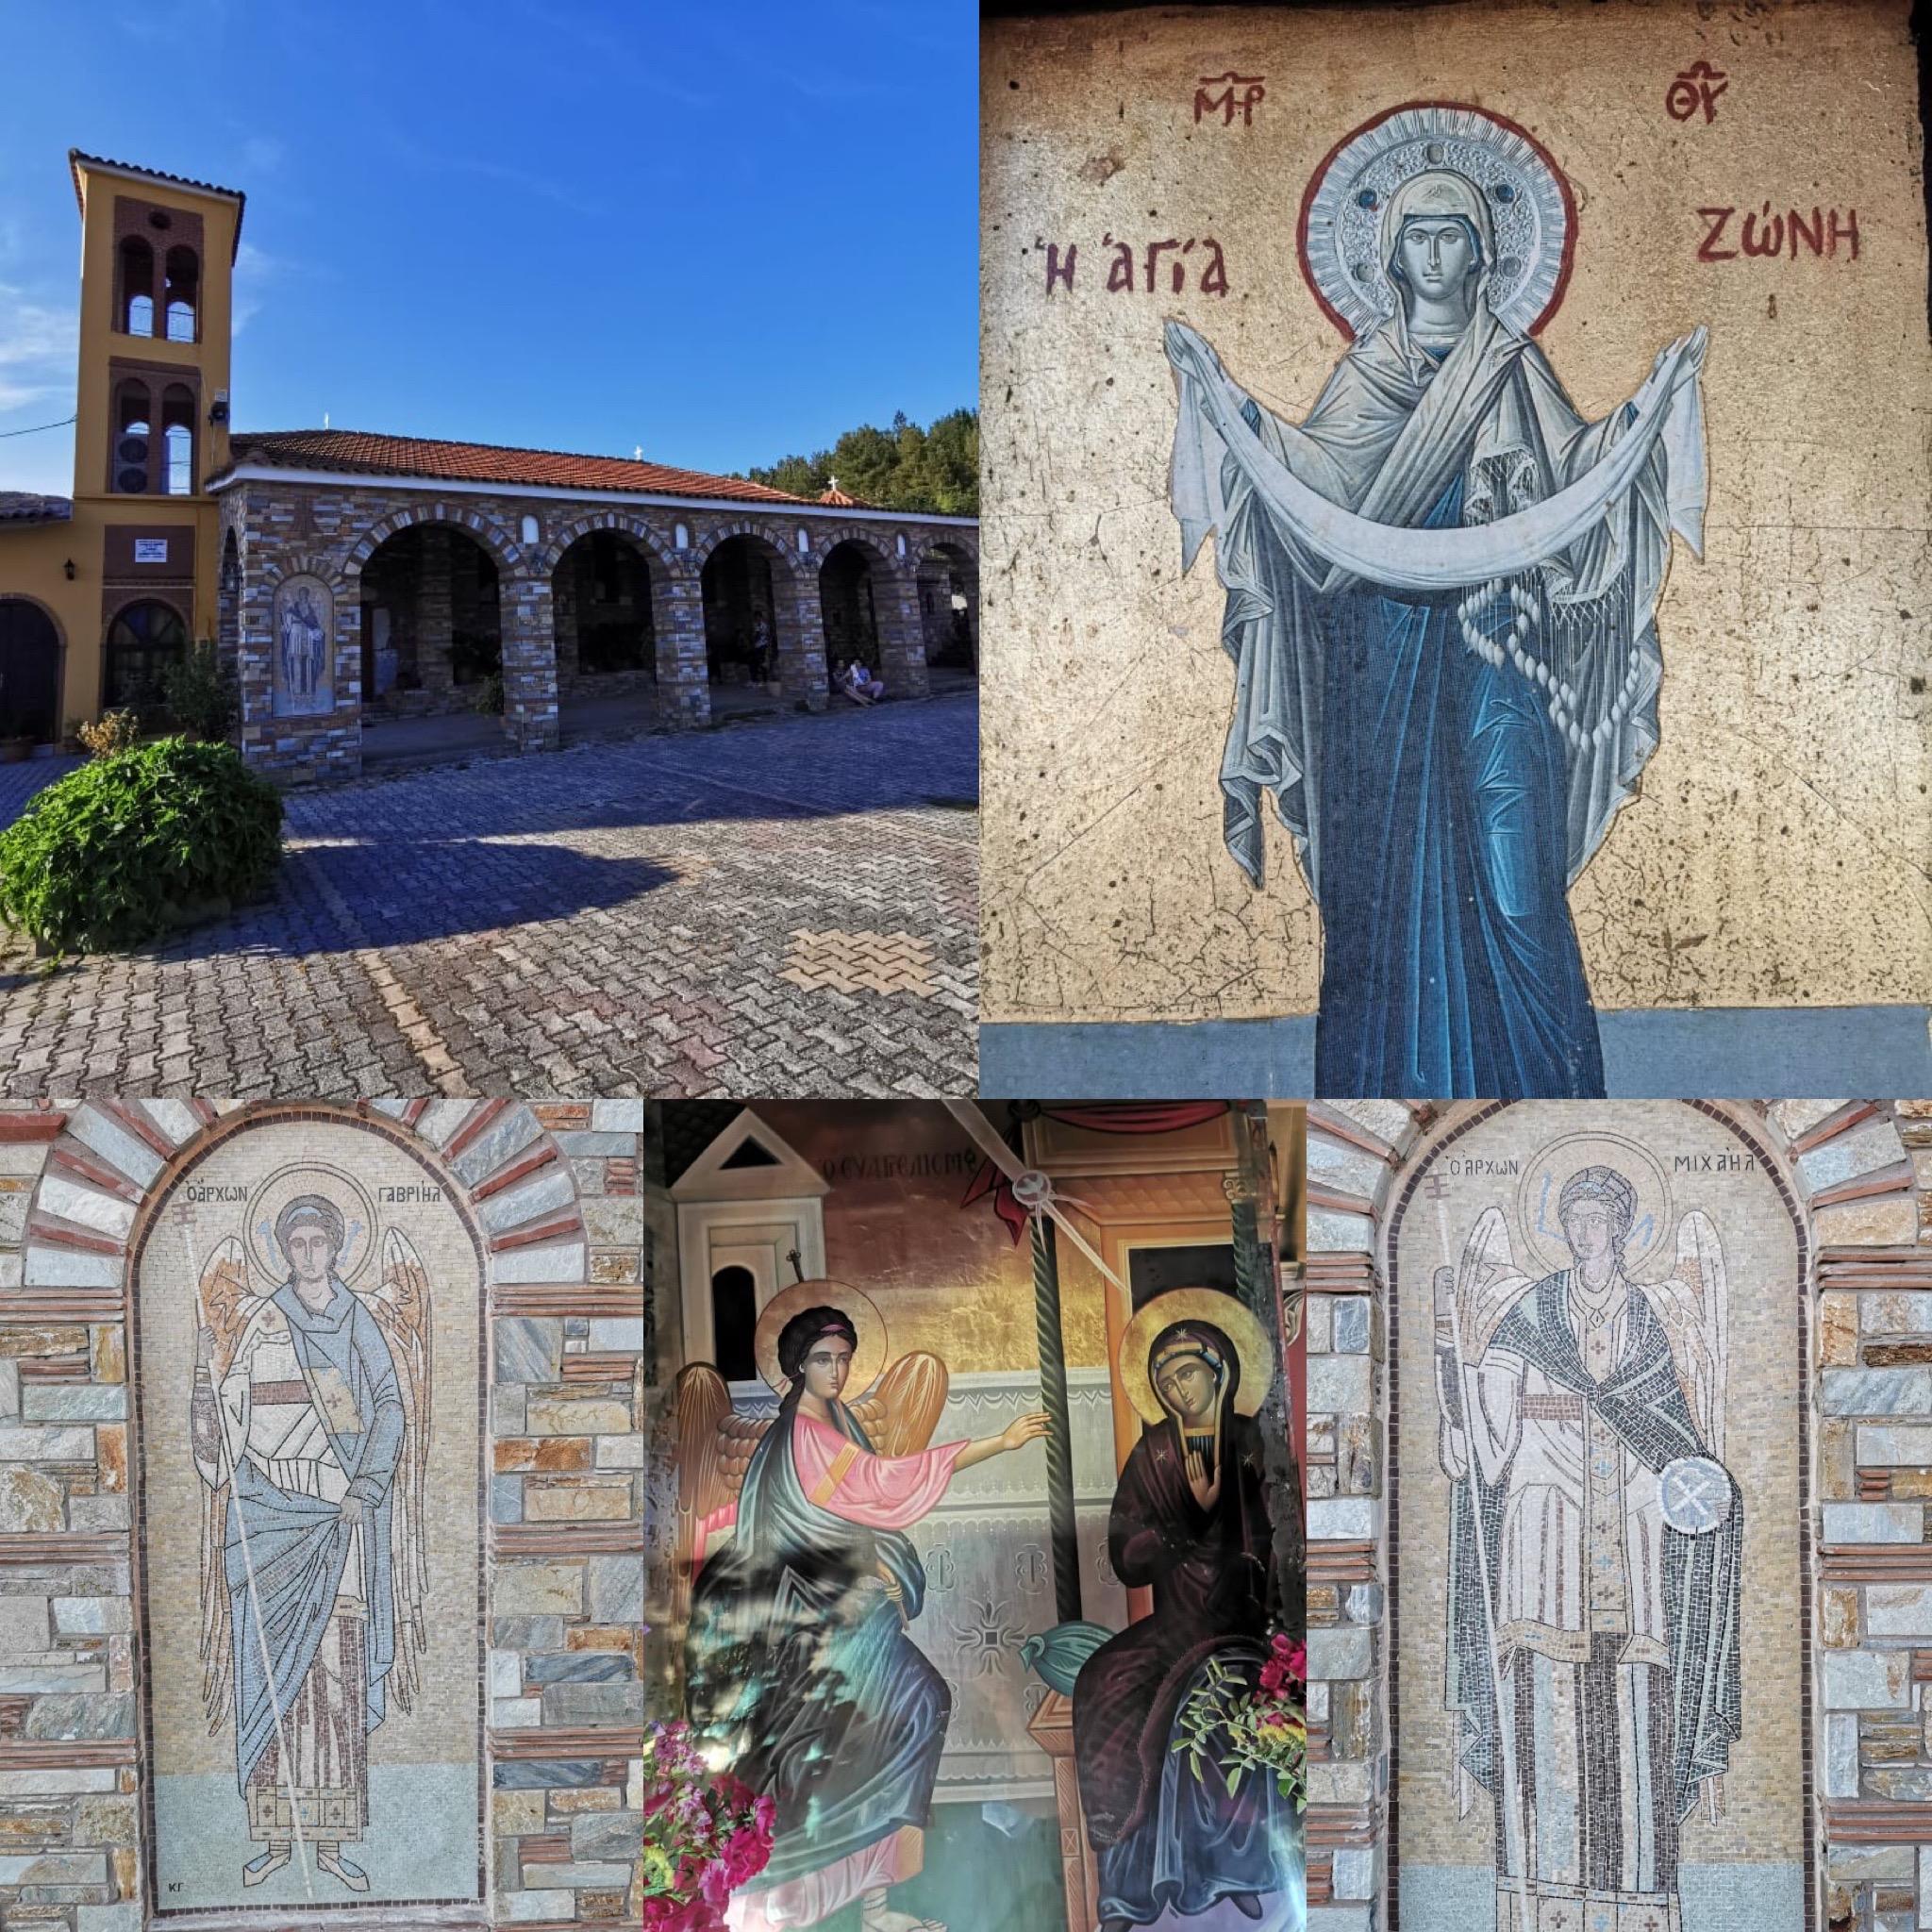 Λάρισα: Η Θαυμαστή Εικόνα της Παναγίας στο Γερακάρι Αγιάς  (ΒΙΝΤΕΟ - ΦΩΤΟ)